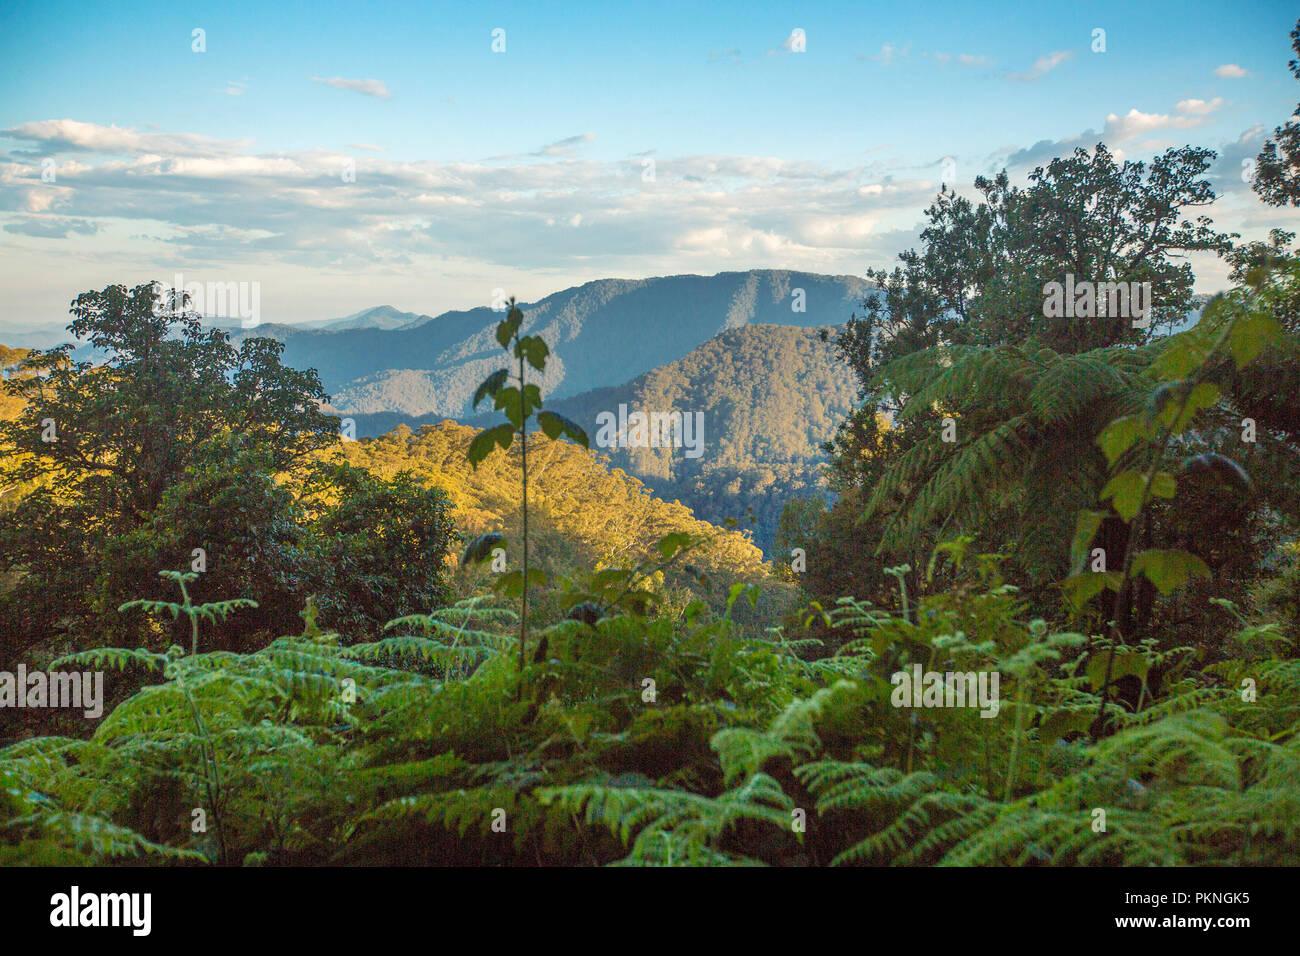 Voir des pentes boisées et de Great Dividing Range s'élevant dans le ciel bleu près de Dorrigo dans le nord du NSW Australie Photo Stock